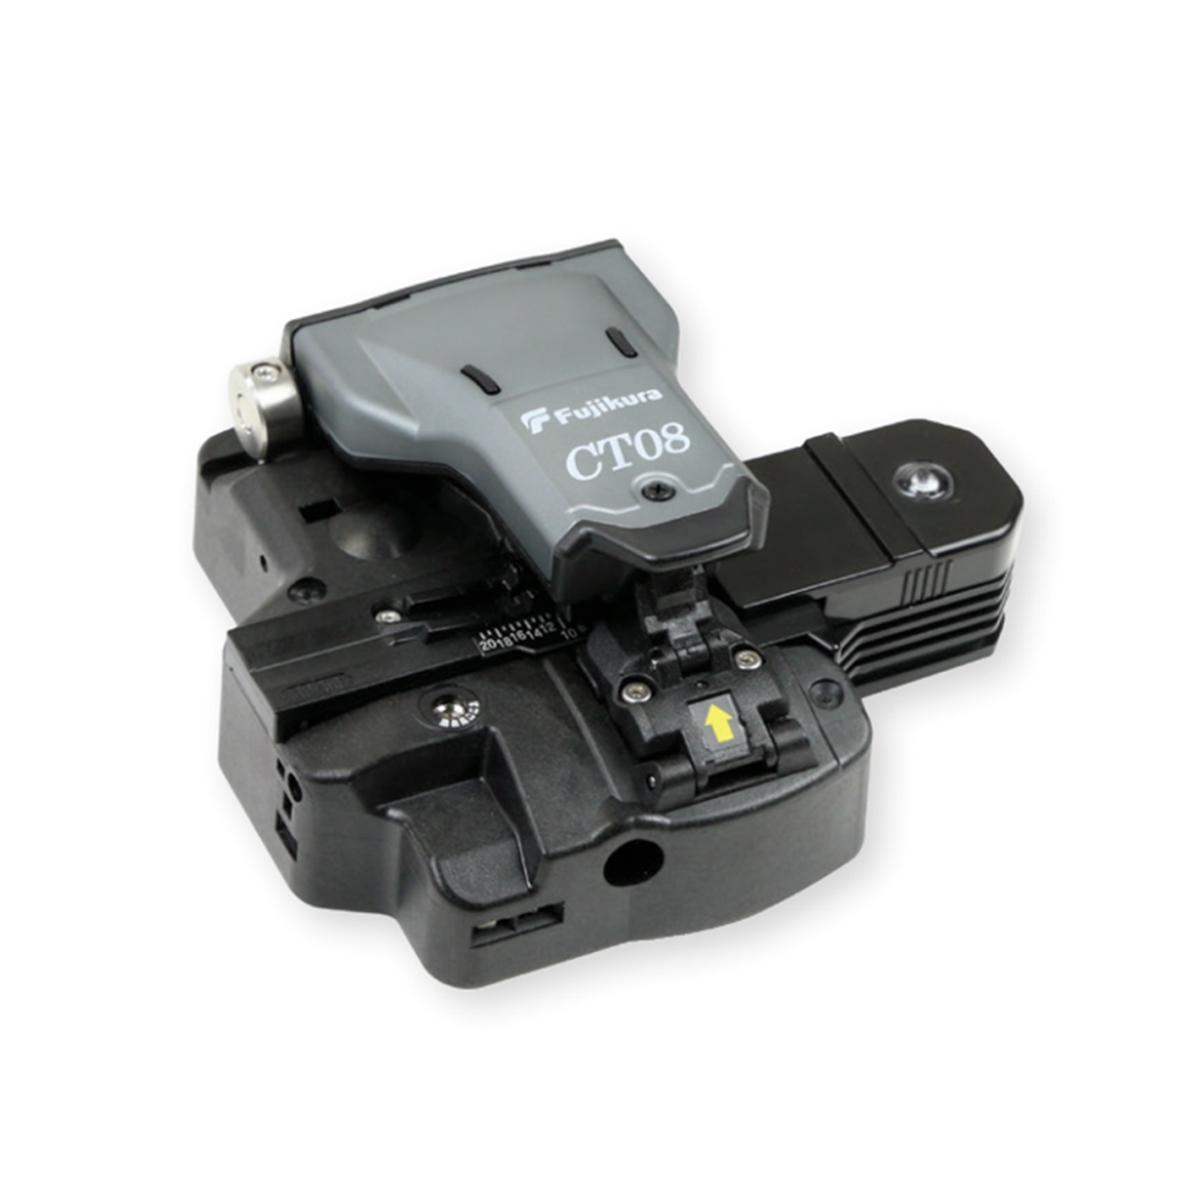 Cortadora de fibra optica AFL Fujikura CT-08 CT08